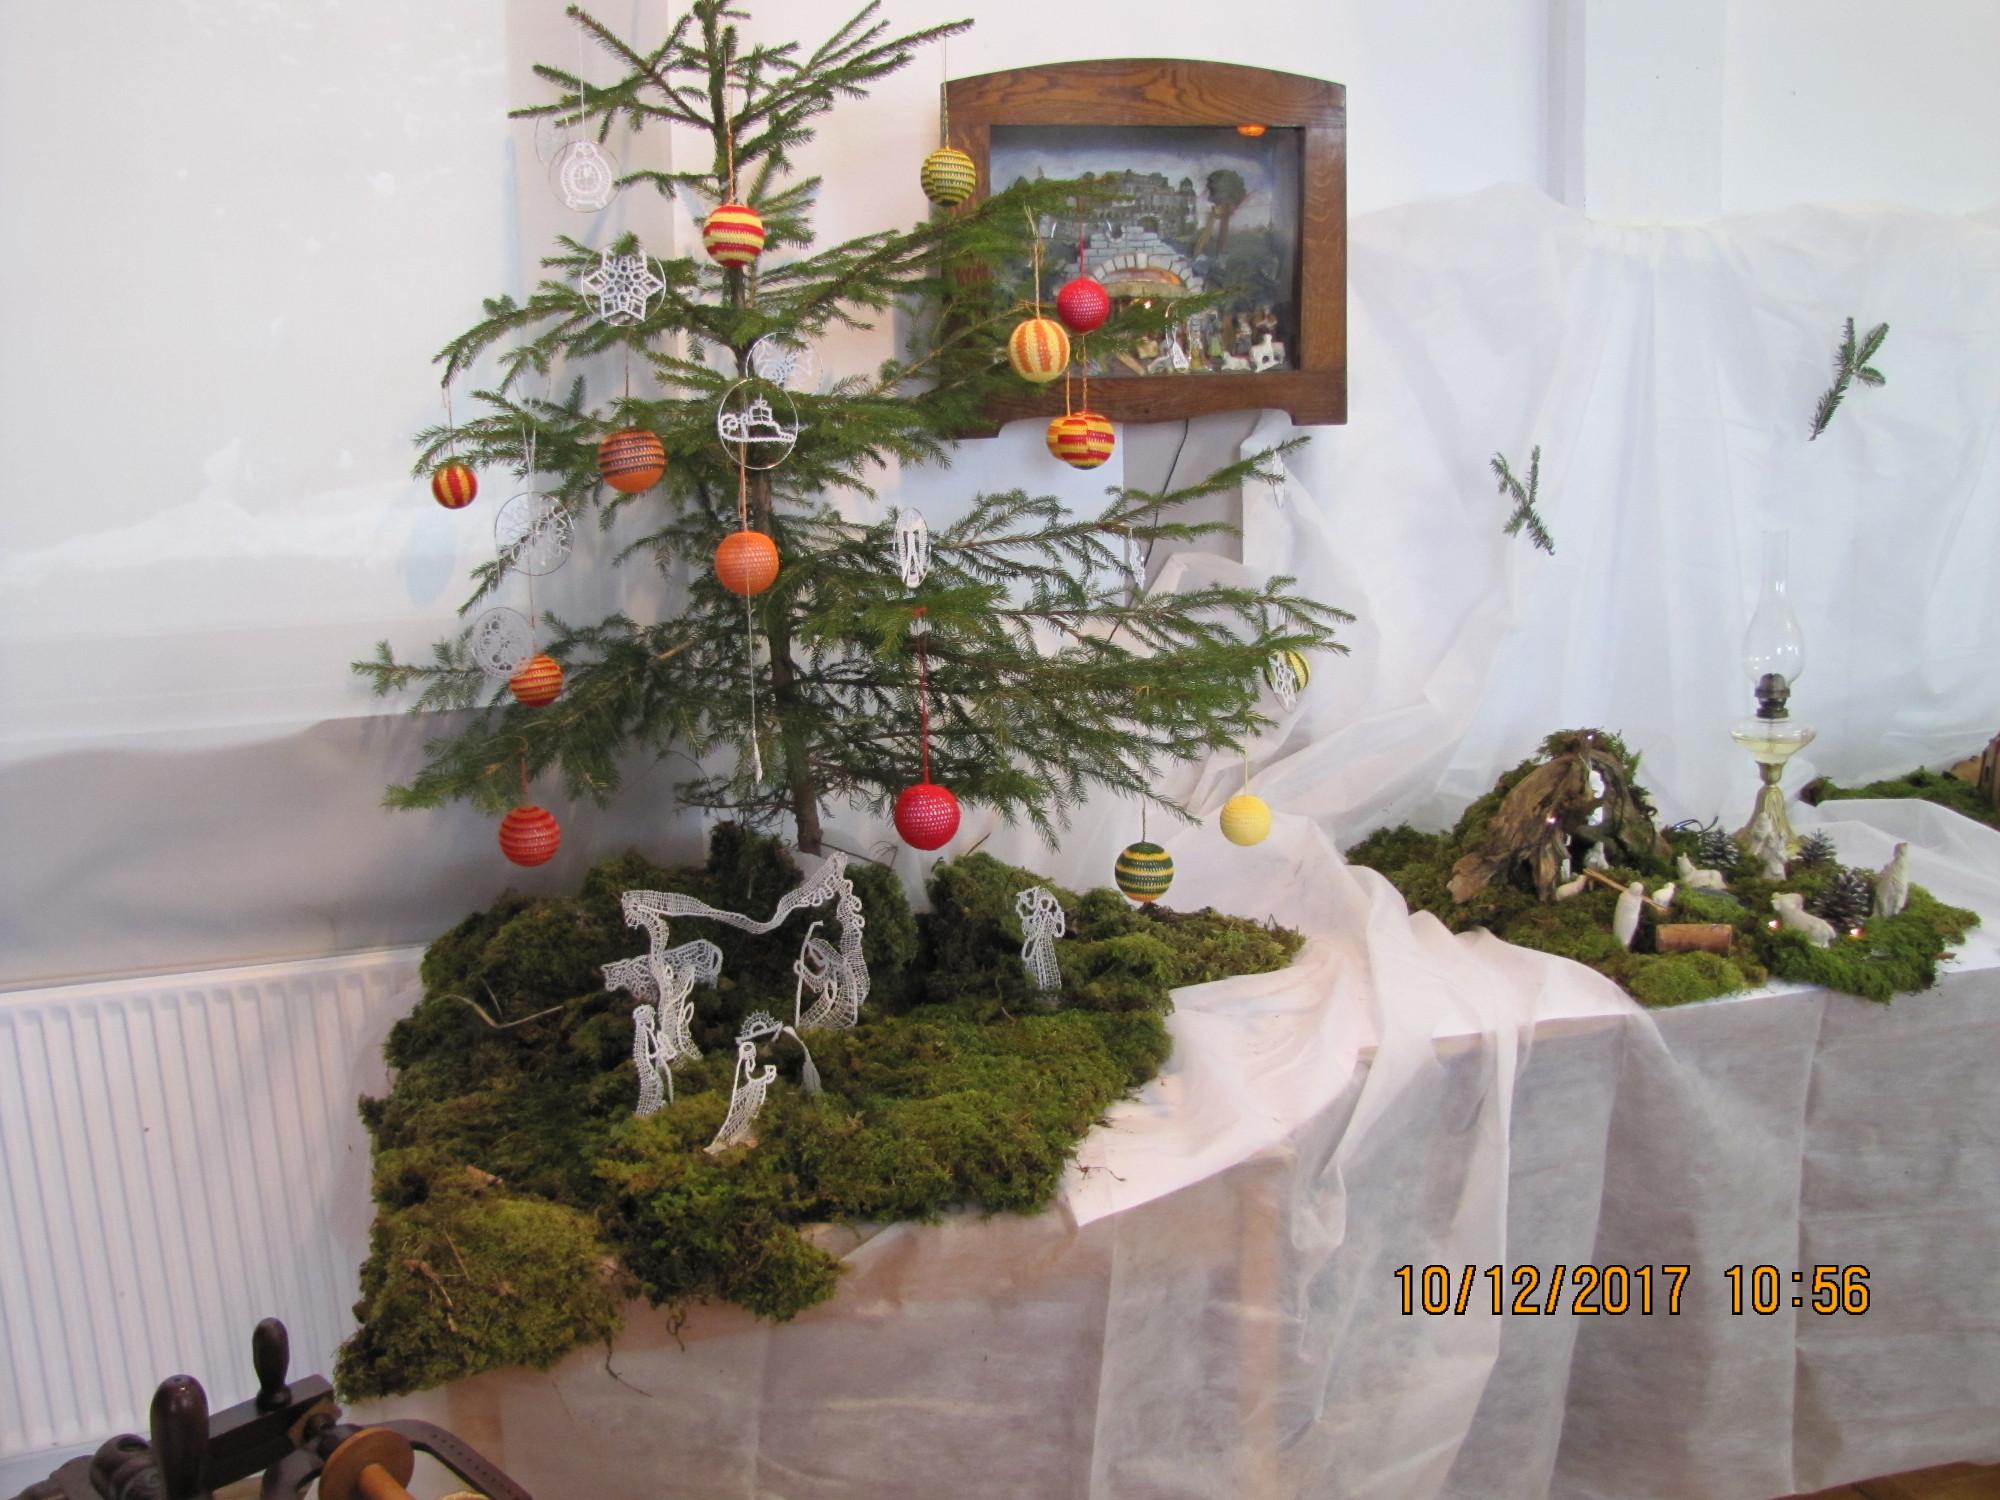 Klekljane Jaslice in okraski na Božičnem drevescu, Martina Trpin, Rovte 17, Kvačkani okraski, Jelka Skvarča(Brnkova)